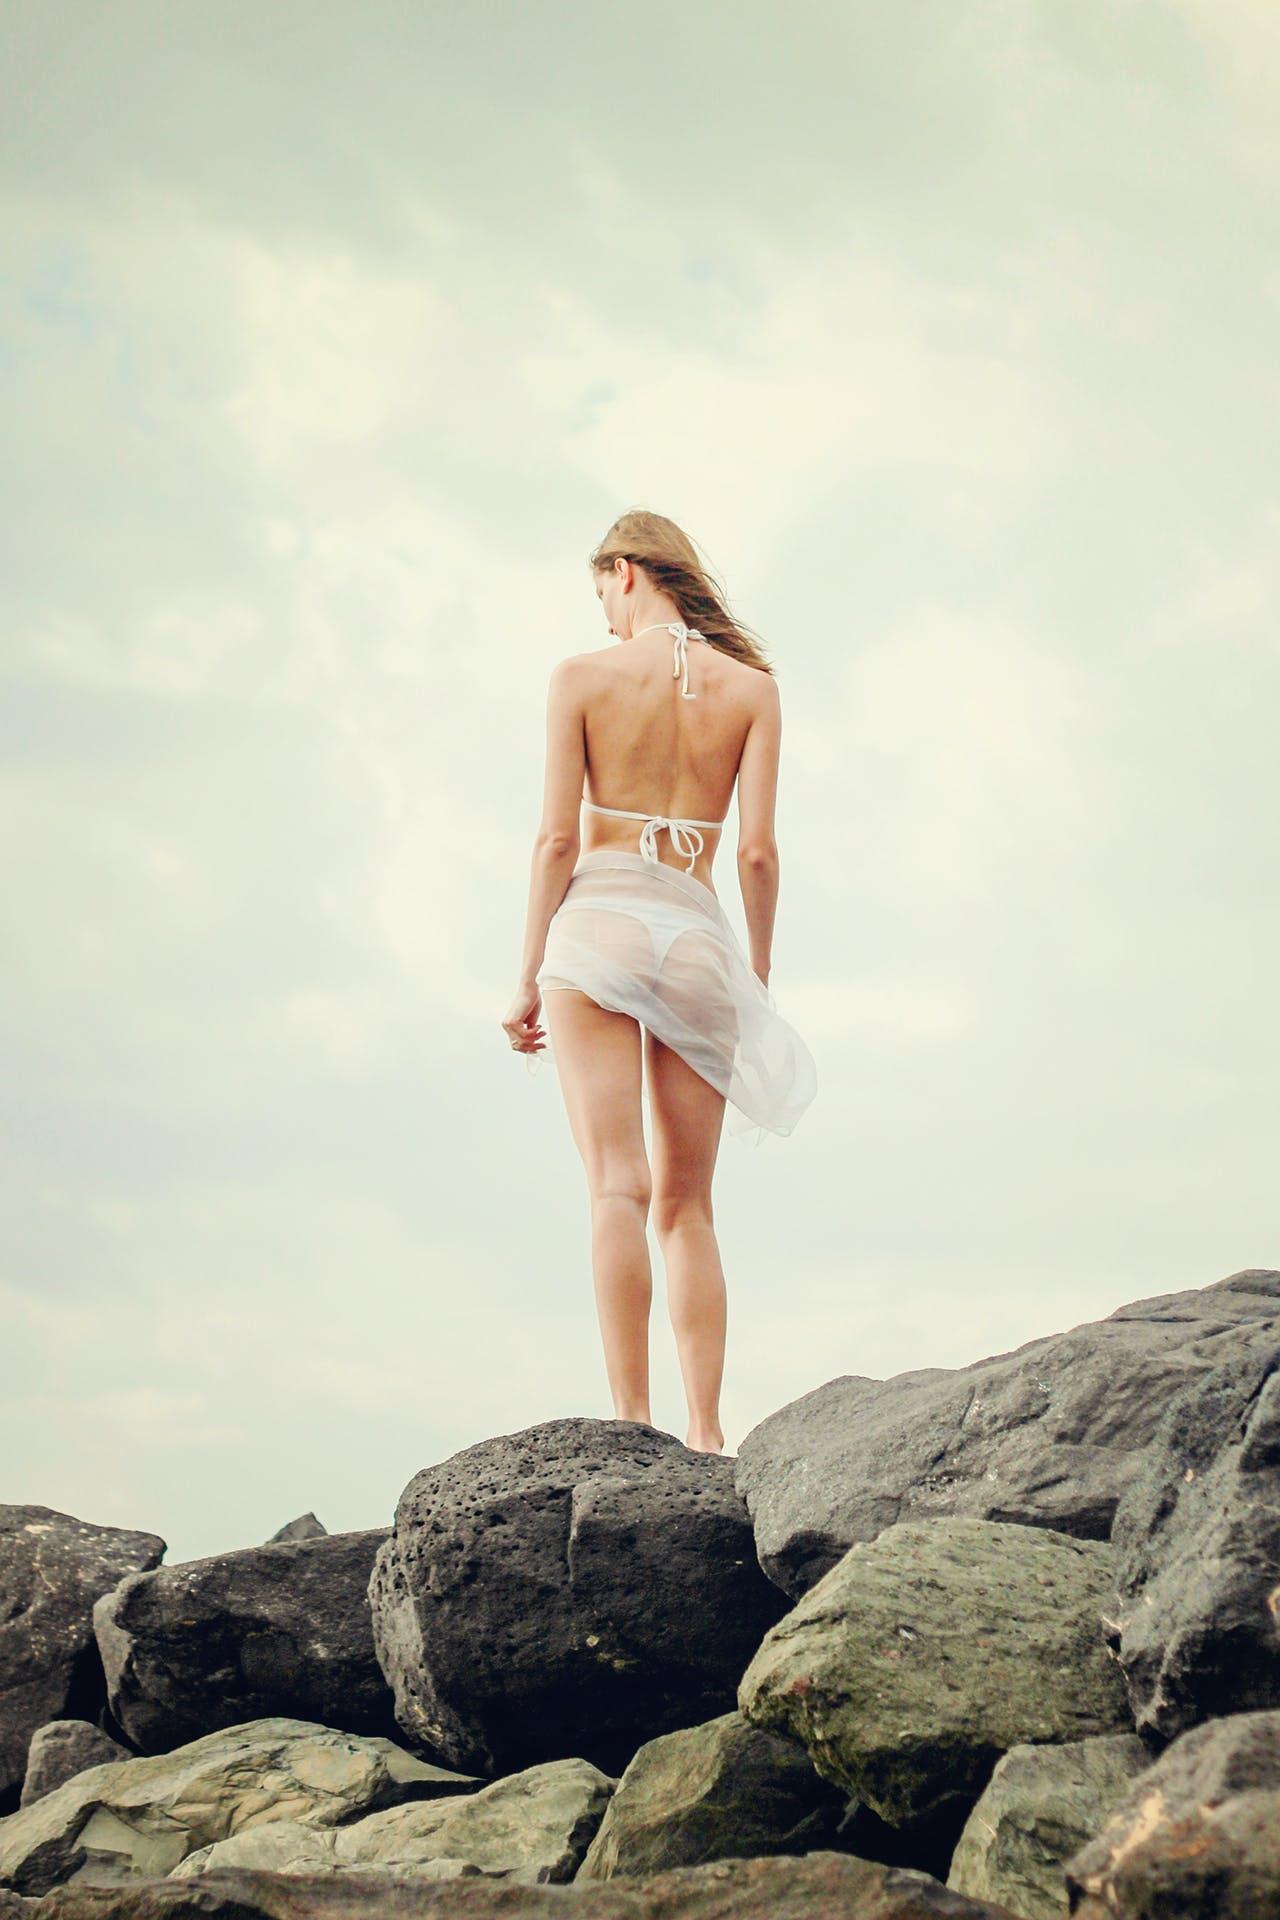 Gratis lagerfoto af afslapning, bikini, blæsende, frihed